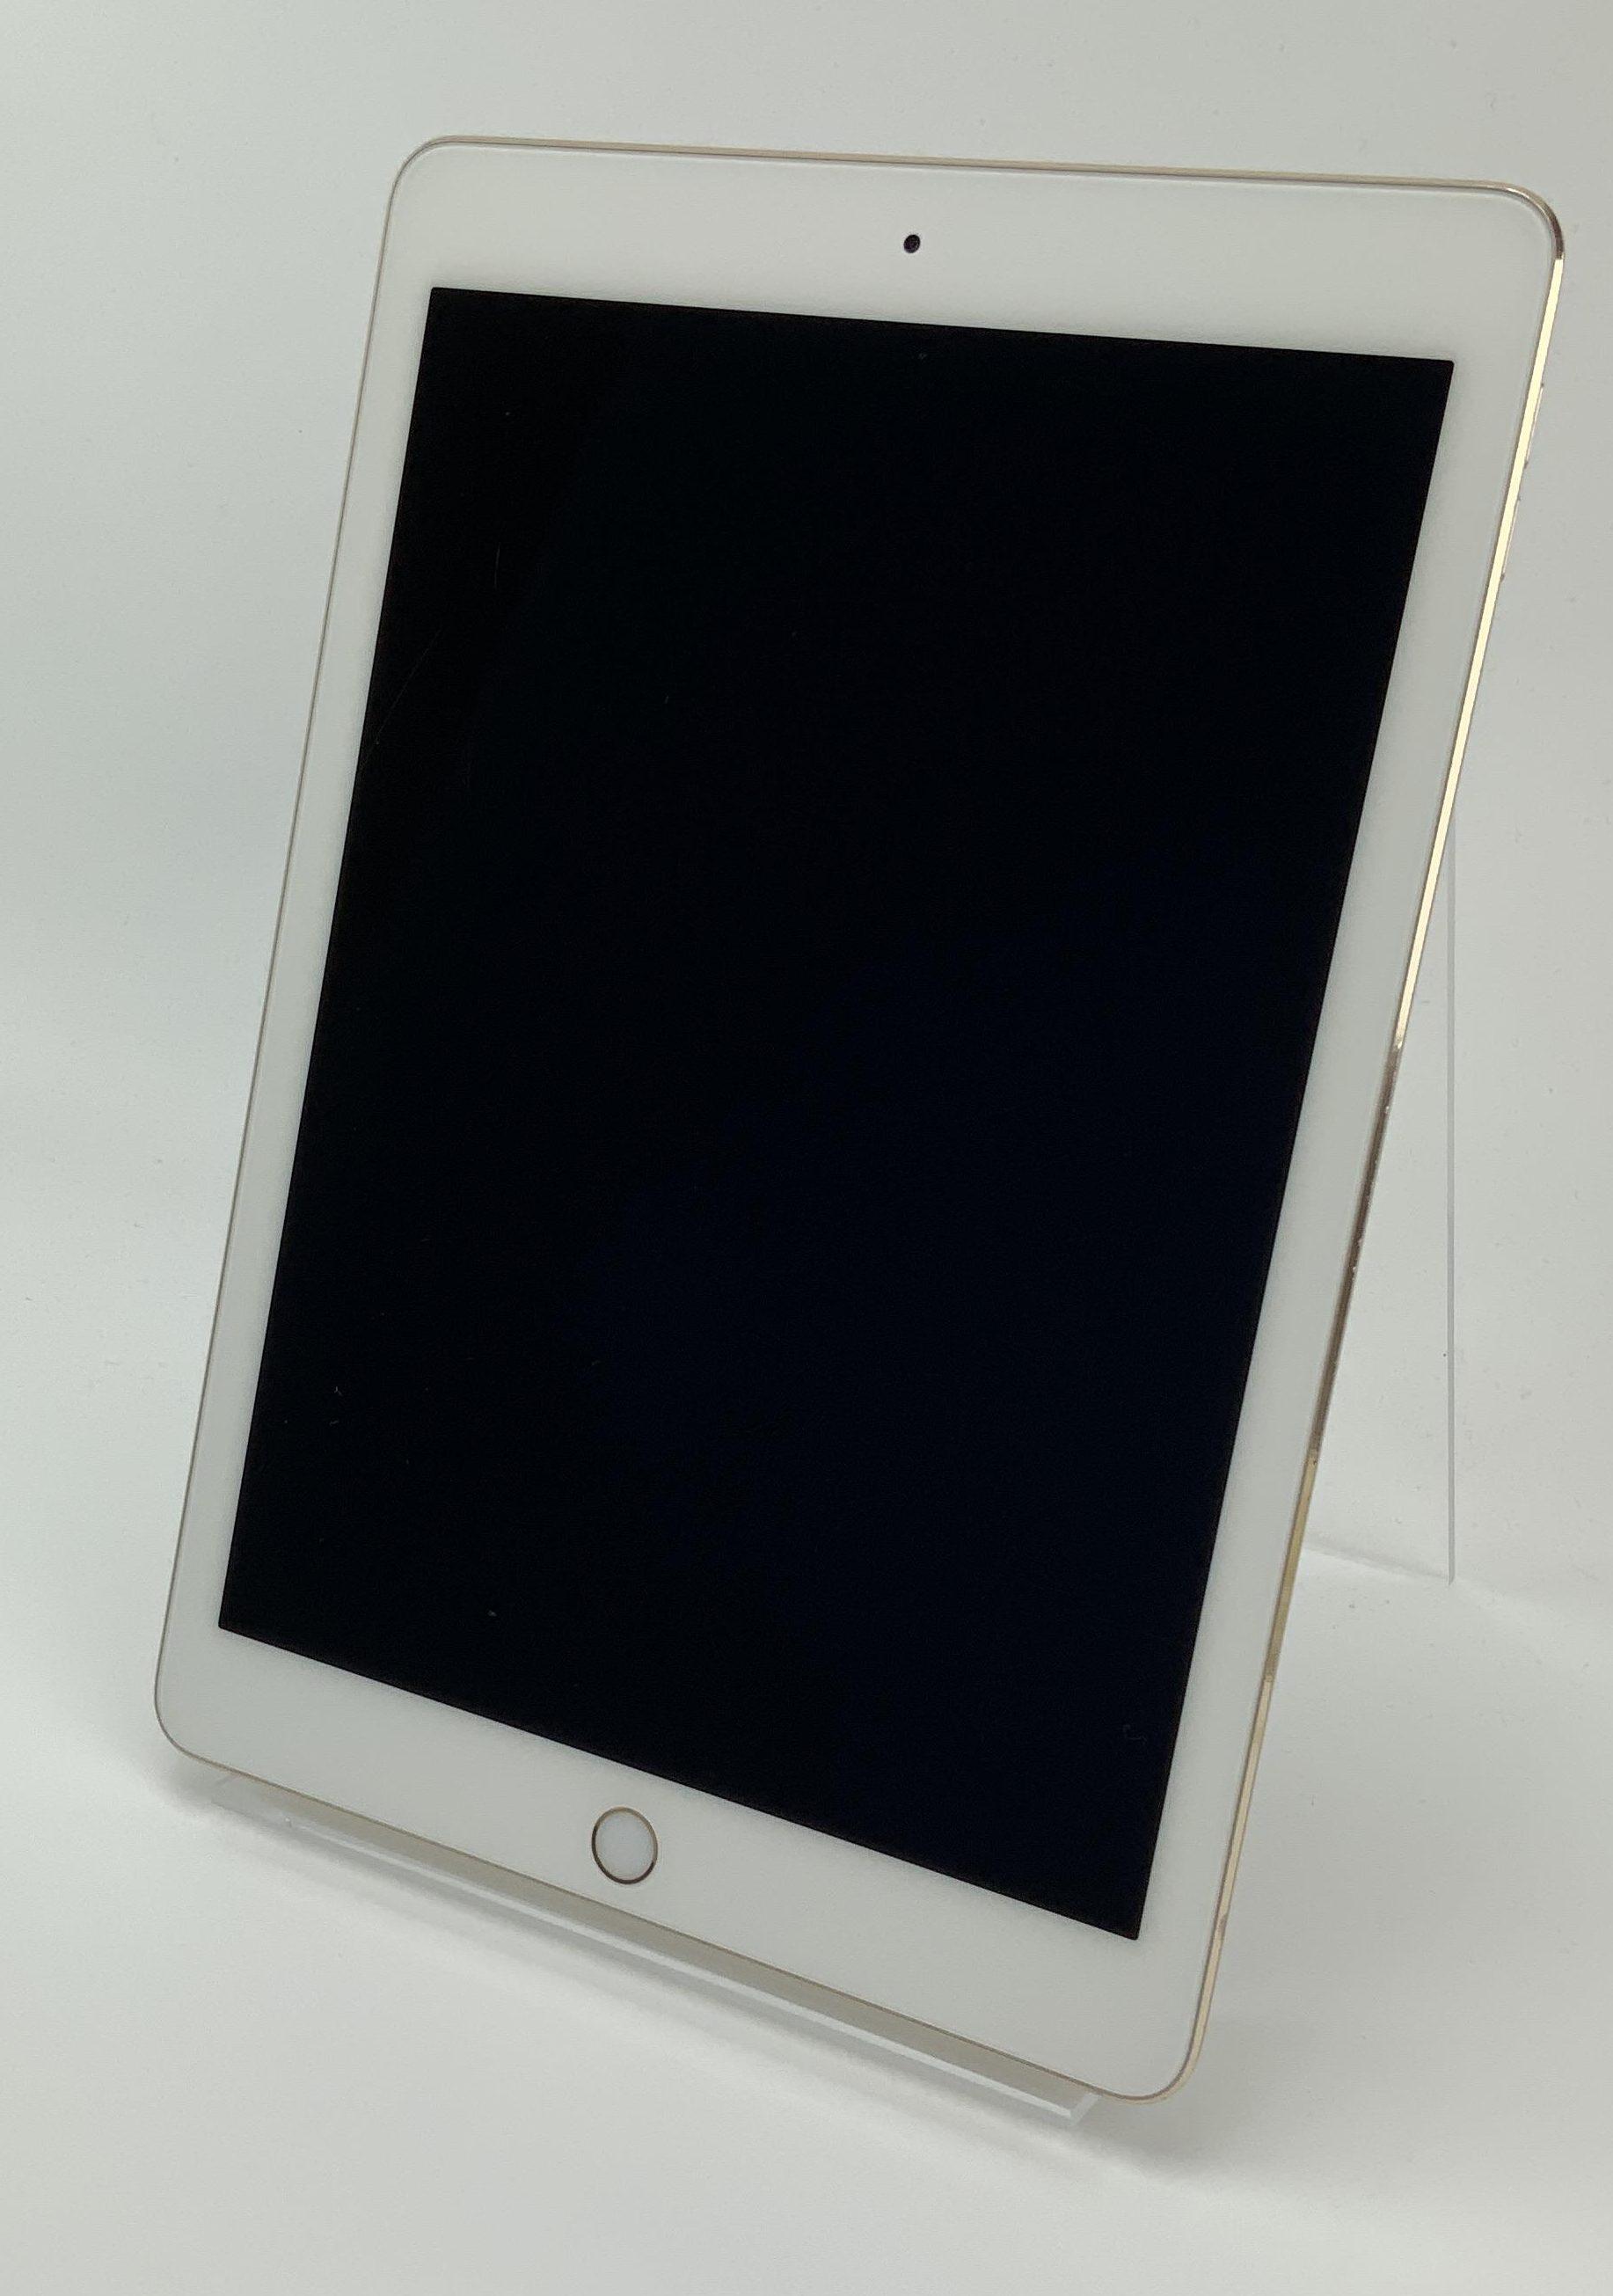 iPad Air 2 Wi-Fi 64GB, 64GB, Gold, bild 1